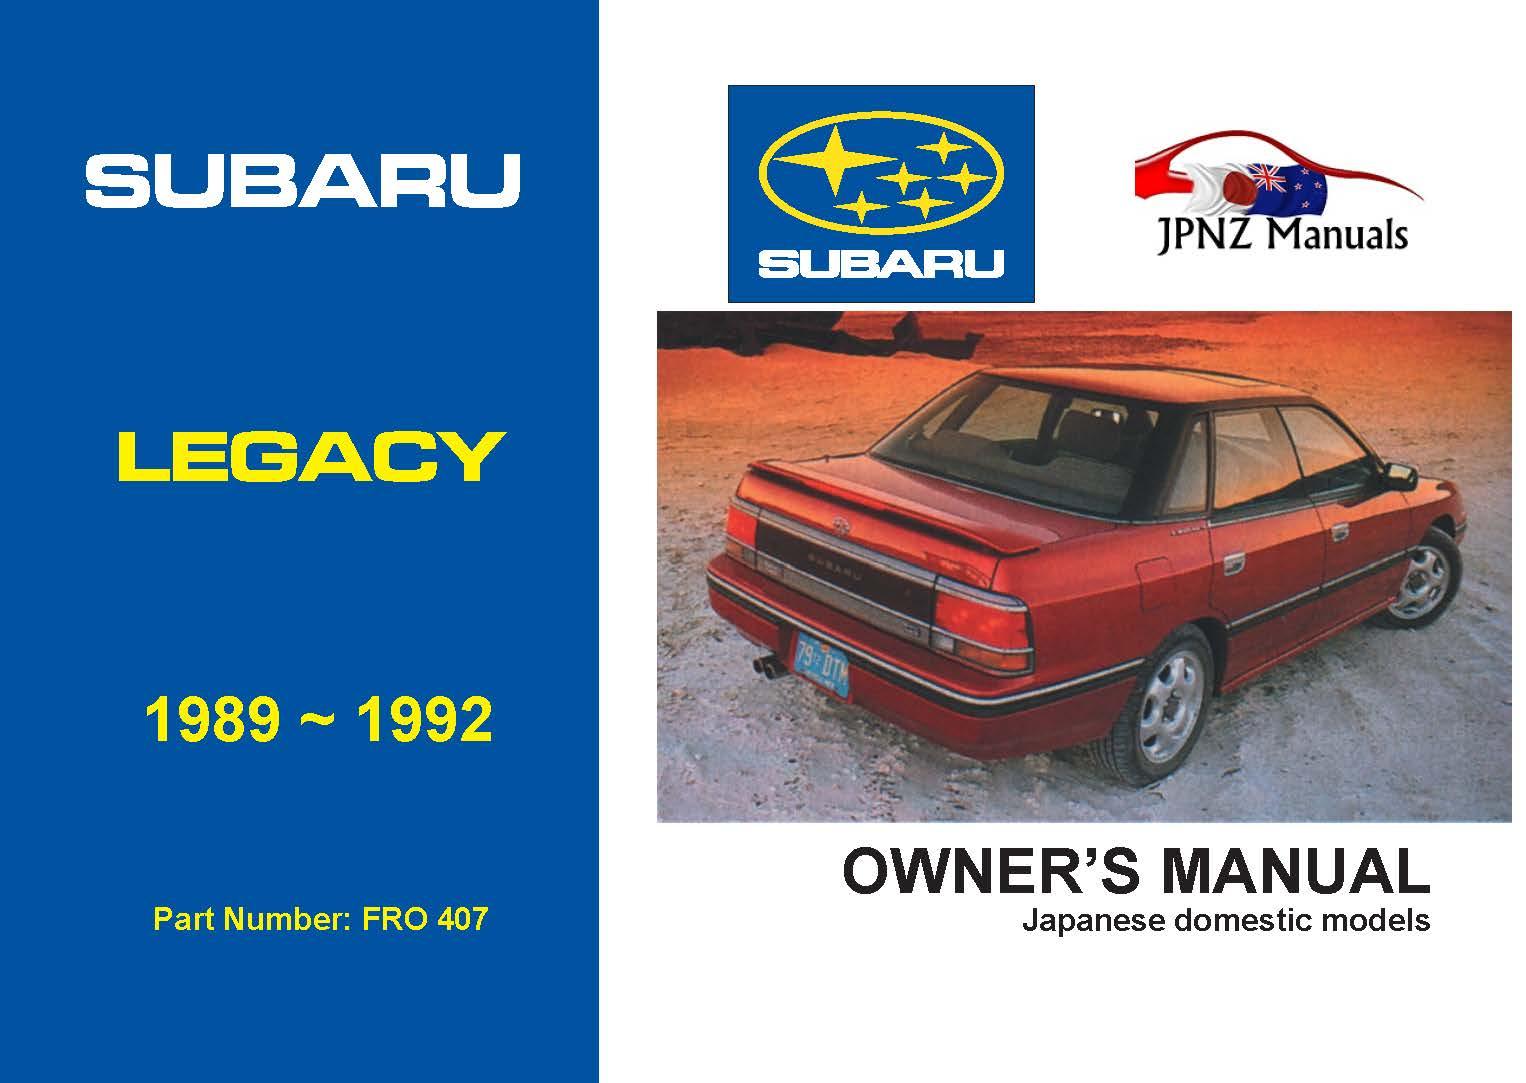 Subaru - Legacy car owners user manual in English | 1989~1992